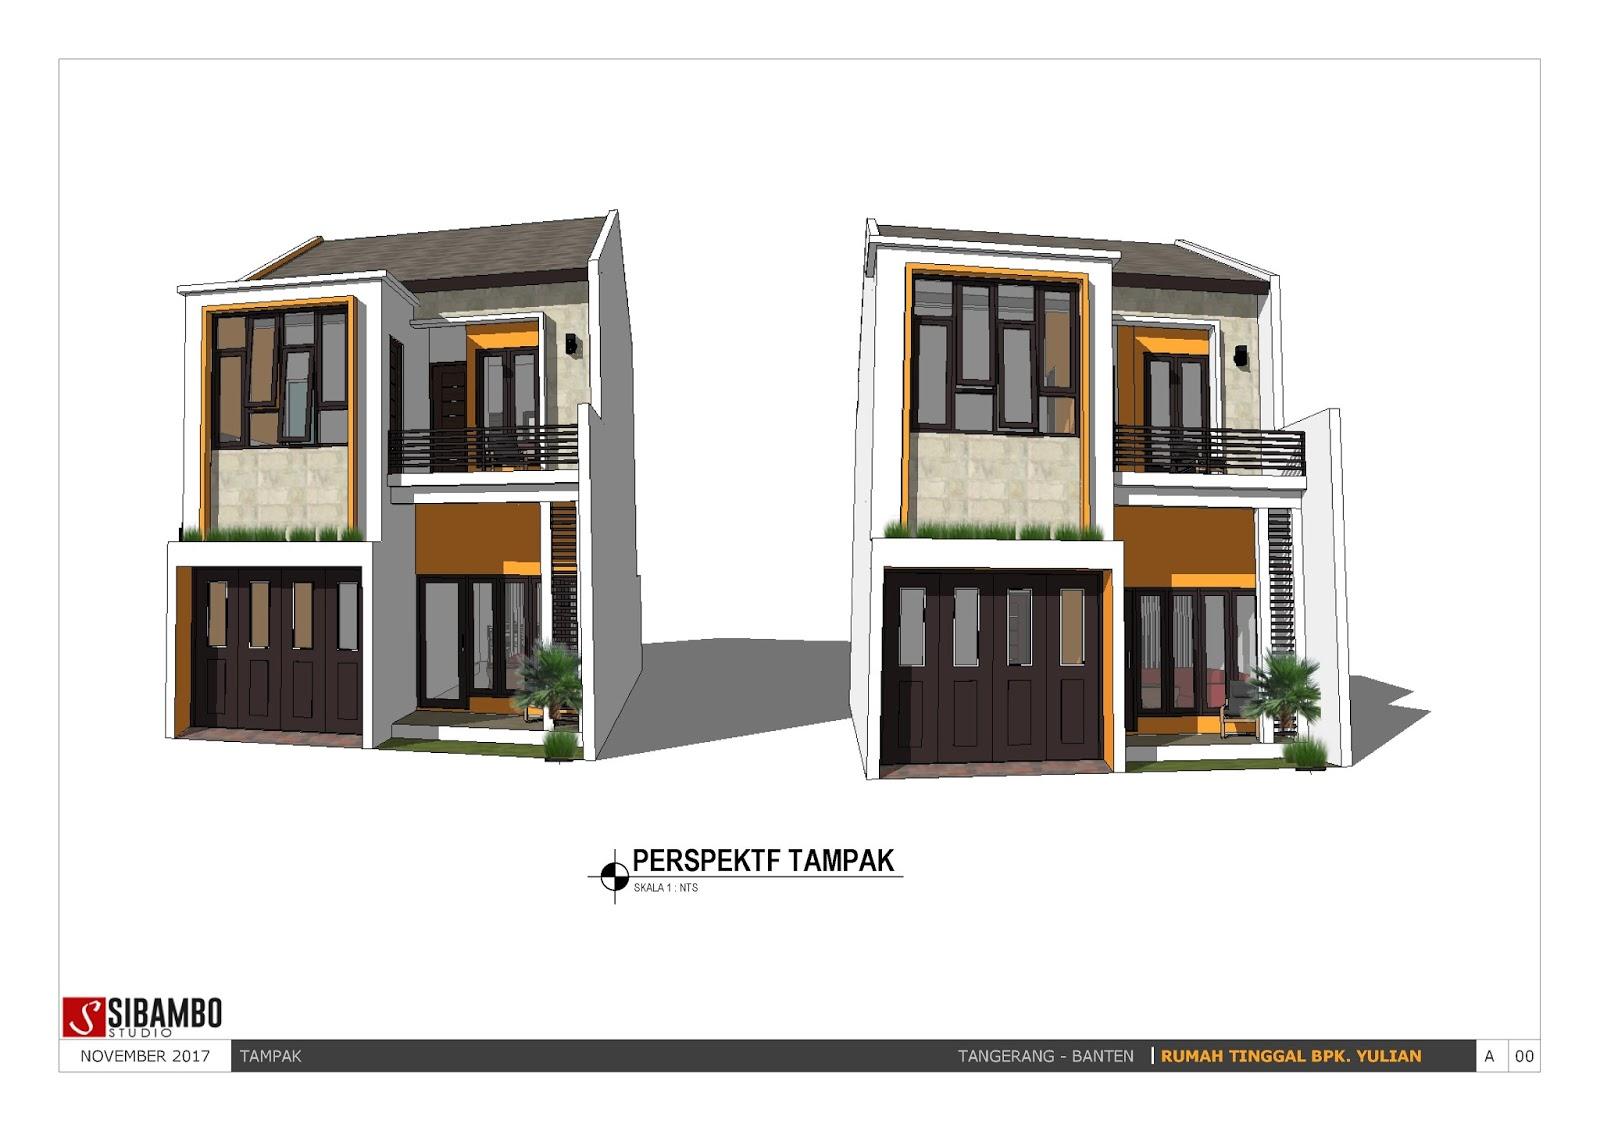 Desain rumah minimalis dua lantai. T&ak Rumah Minimalis Sederhana 2 Lantai 6 x 12 m